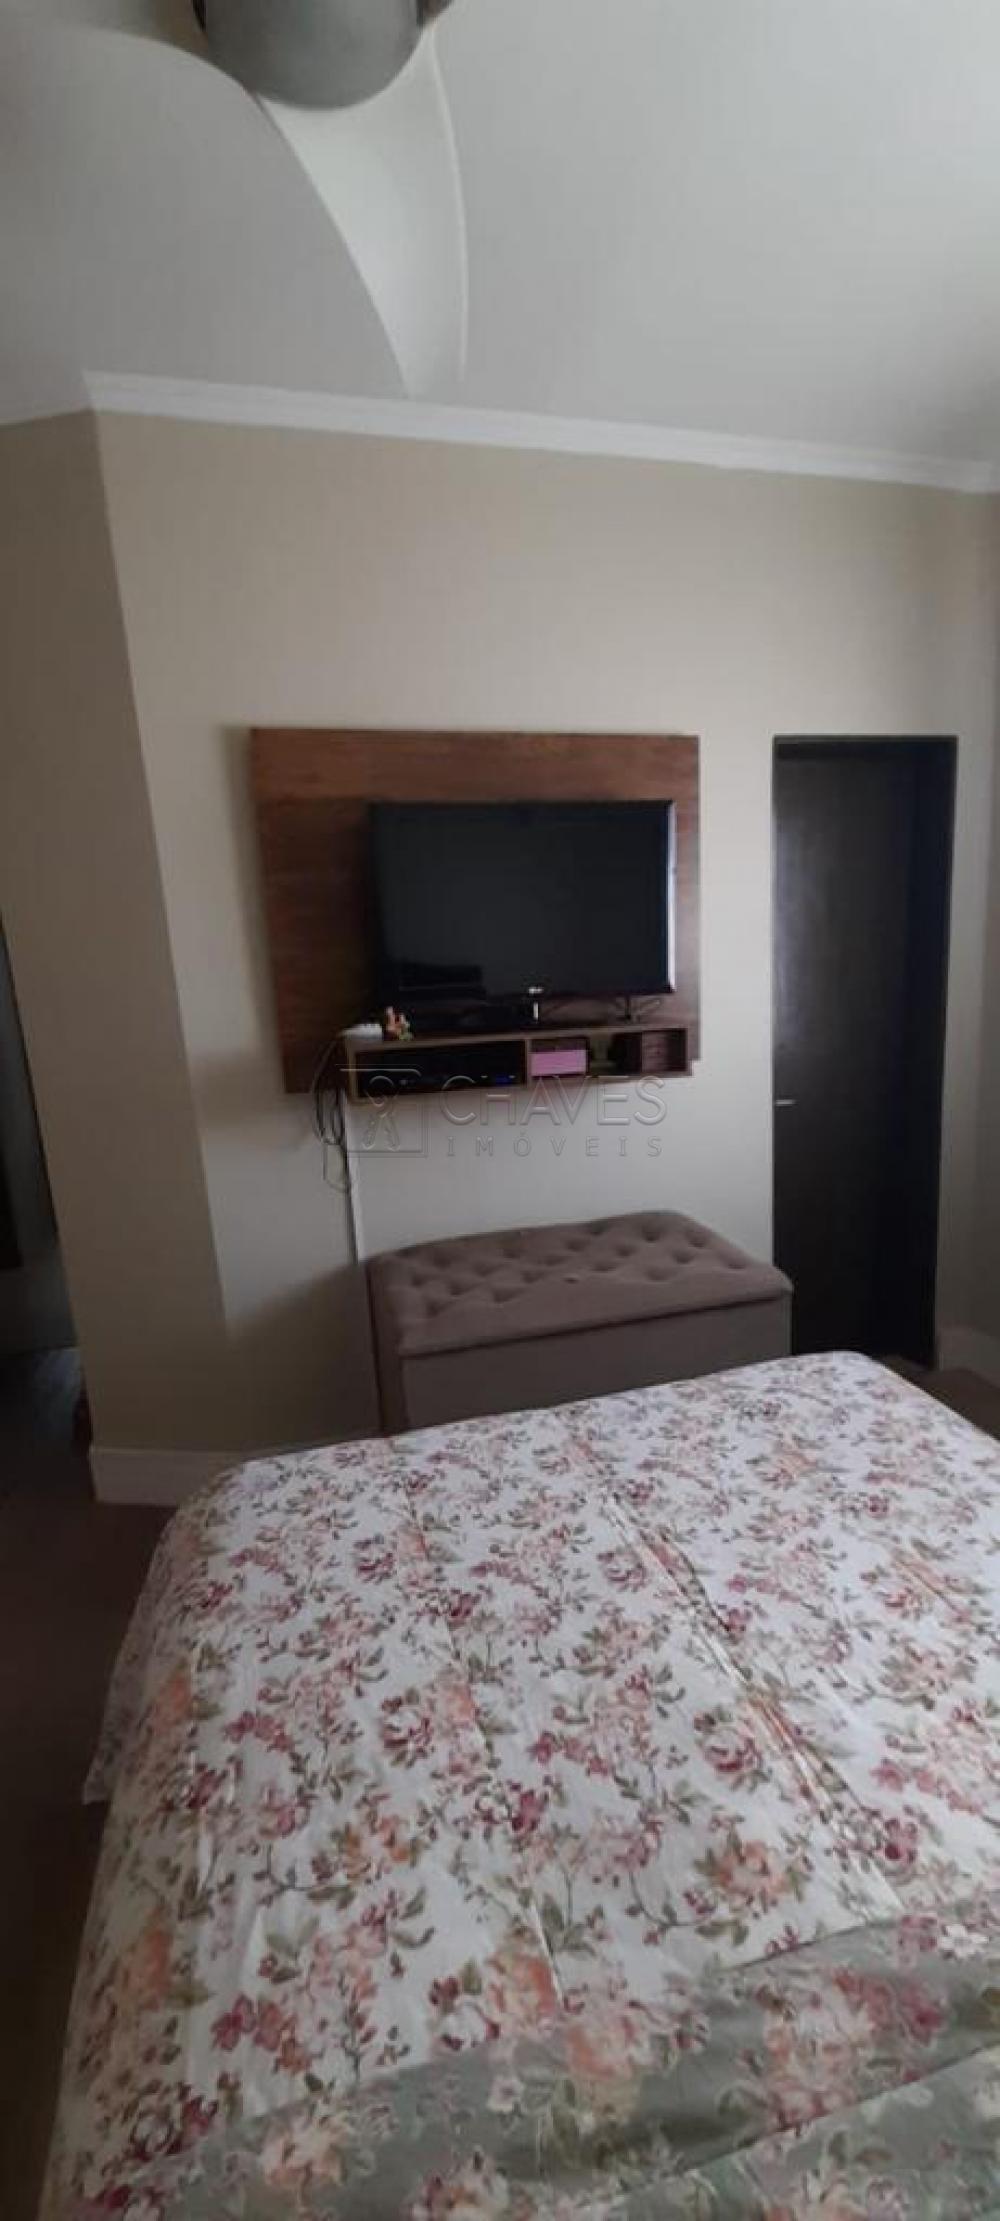 Comprar Apartamento / Padrão em Ribeirão Preto R$ 299.000,00 - Foto 15